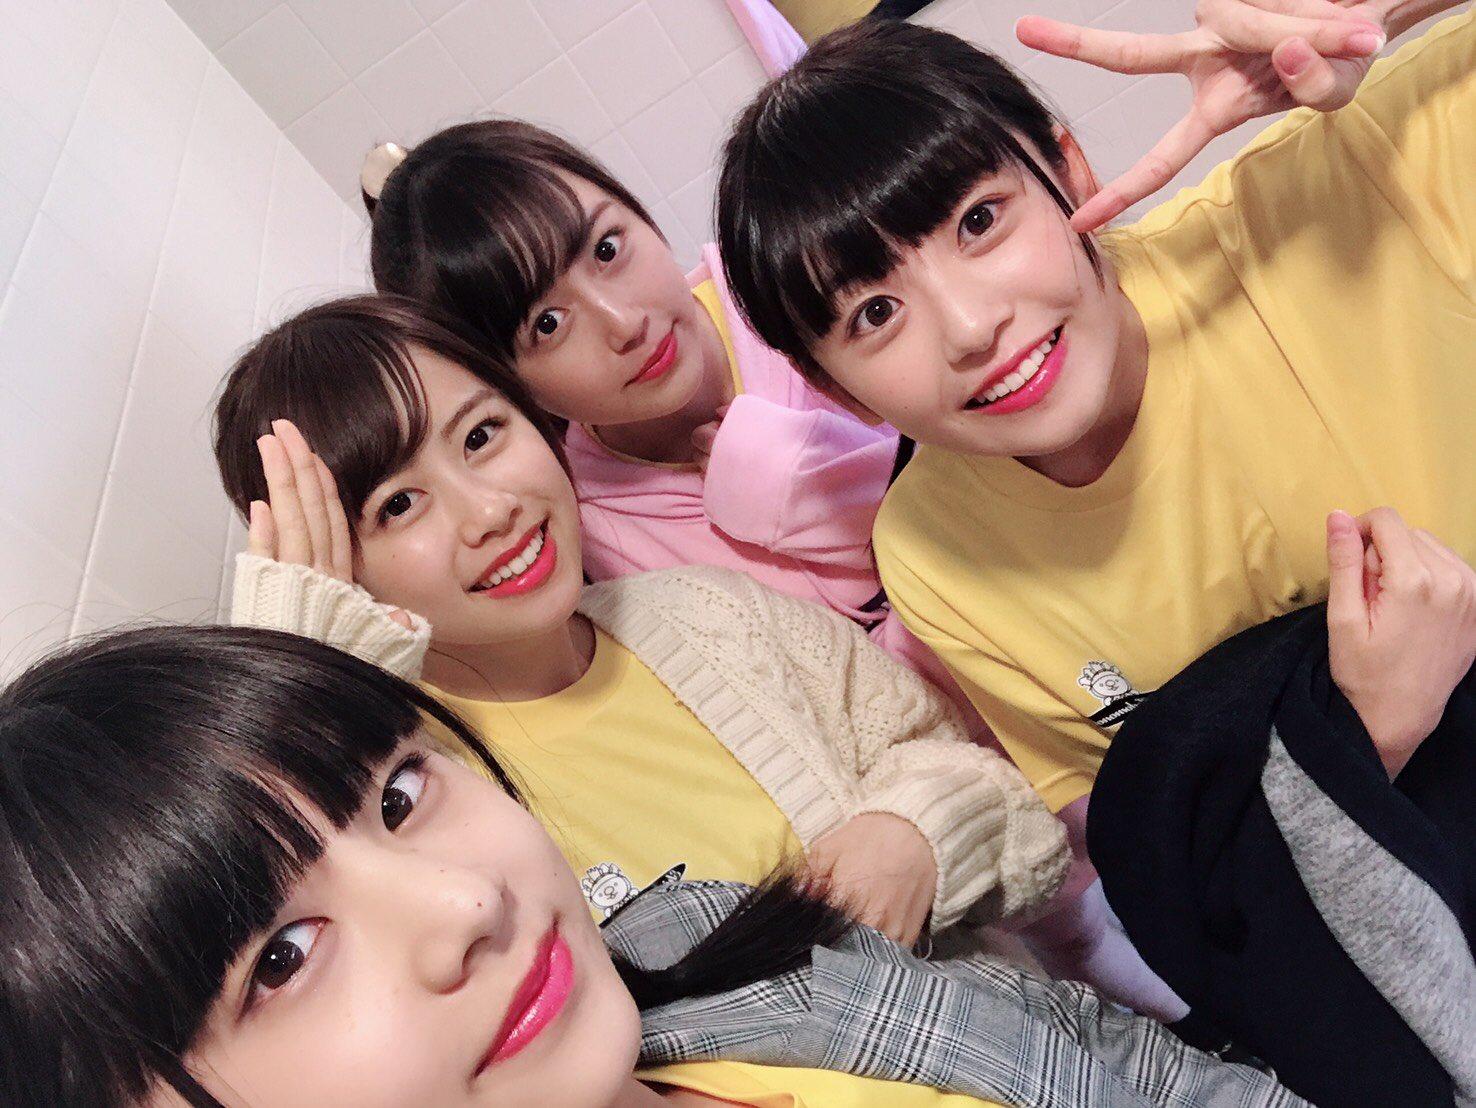 """たけやま3.5 GIRL'SBAND TAKEYAMA3.5 公式 On Twitter: """"11/4"""